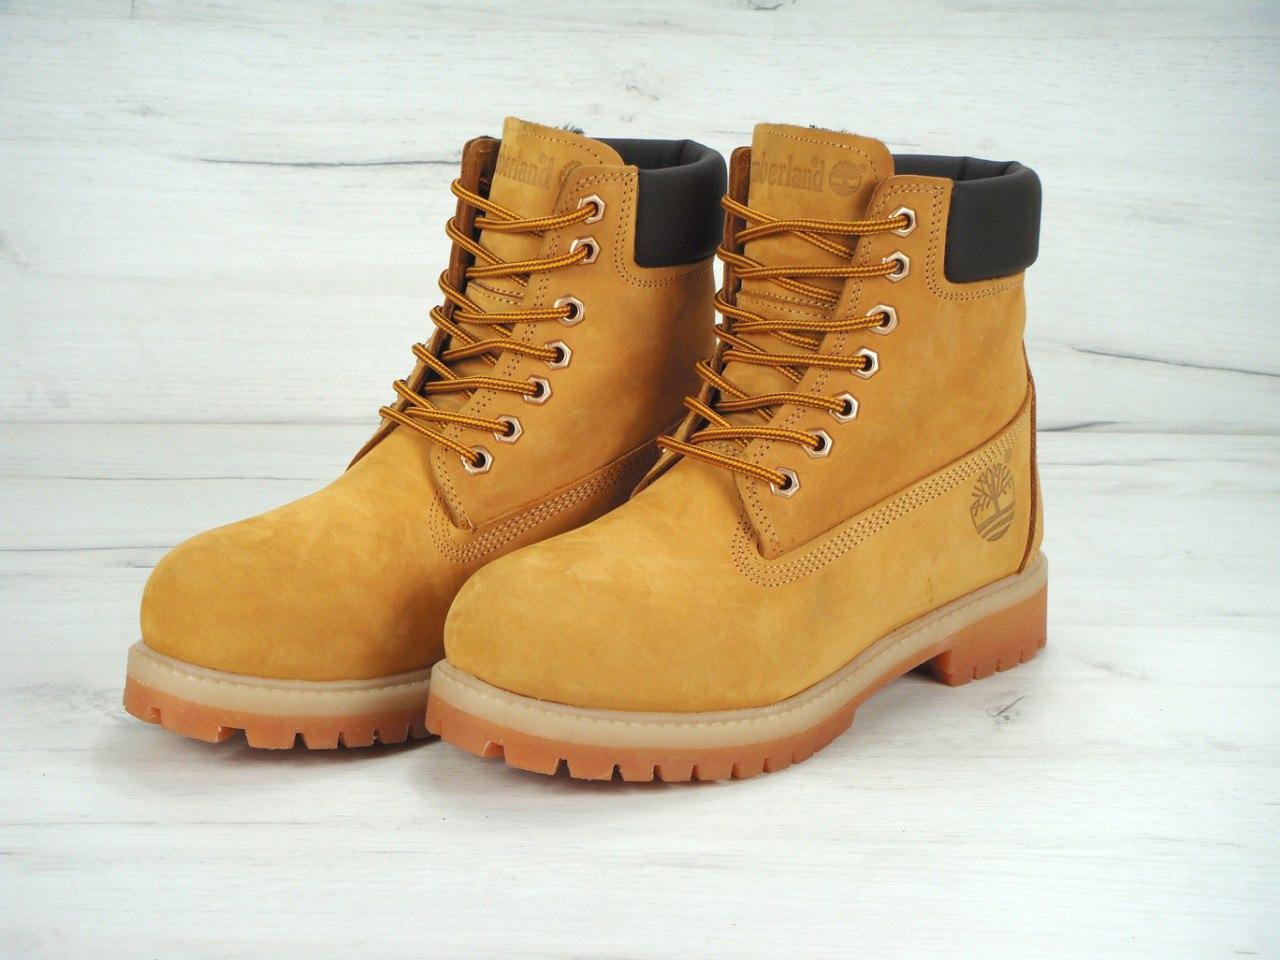 7bad46c6 Мужские зимние ботинки Timberland с шерстяным мехом (yellow) - Обувь и  одежда с доставкой